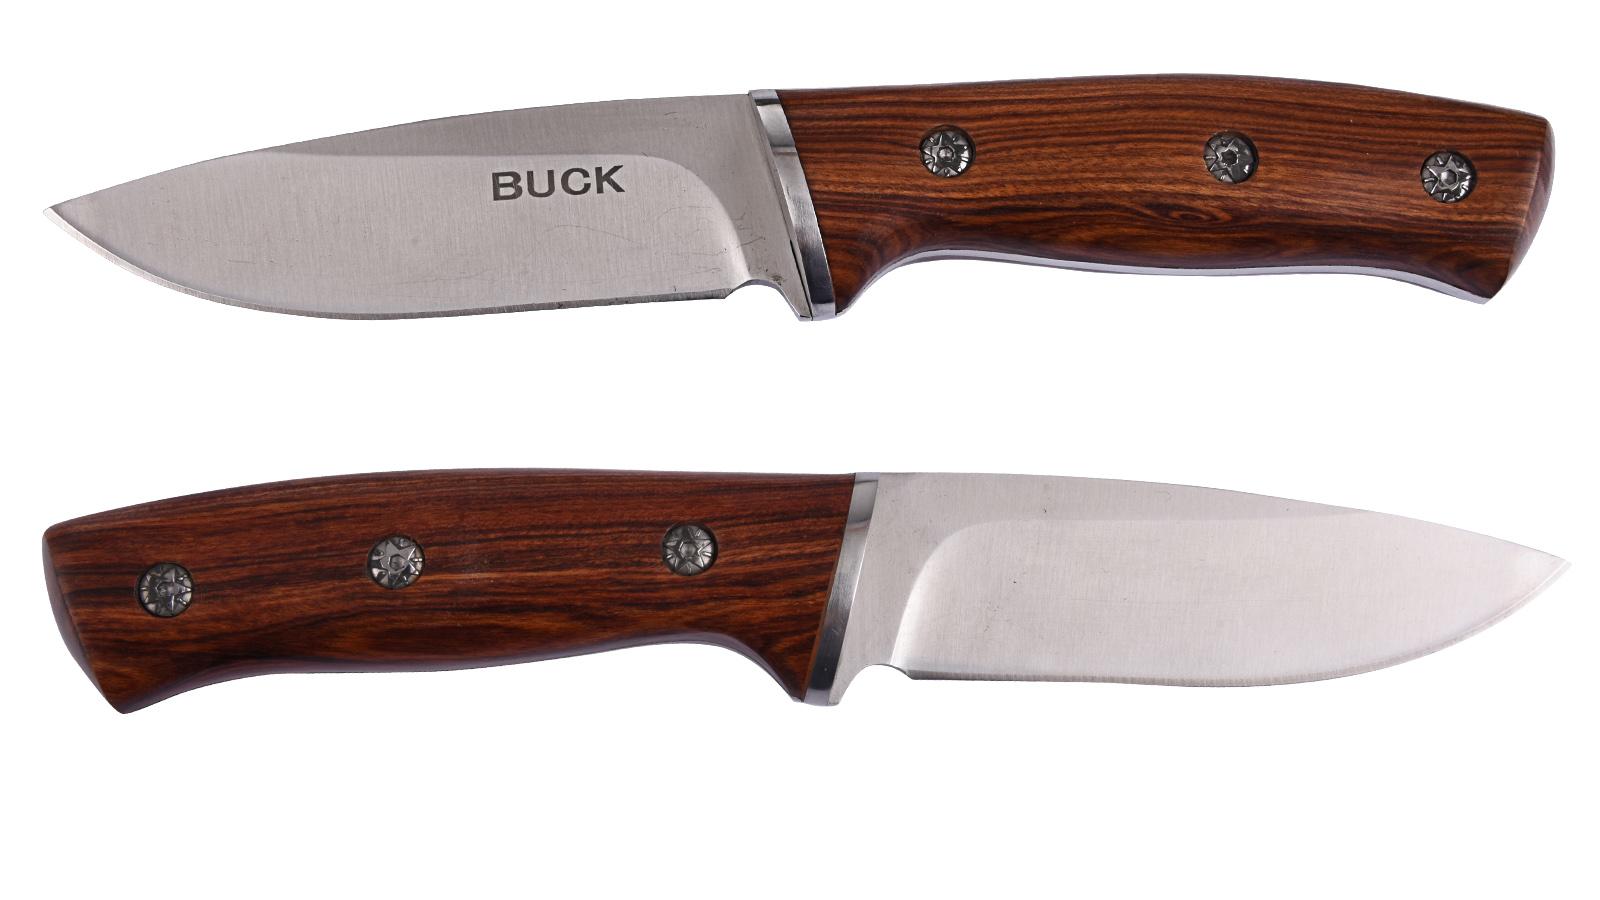 Охотничий нож Buck Knives - купить онлайн